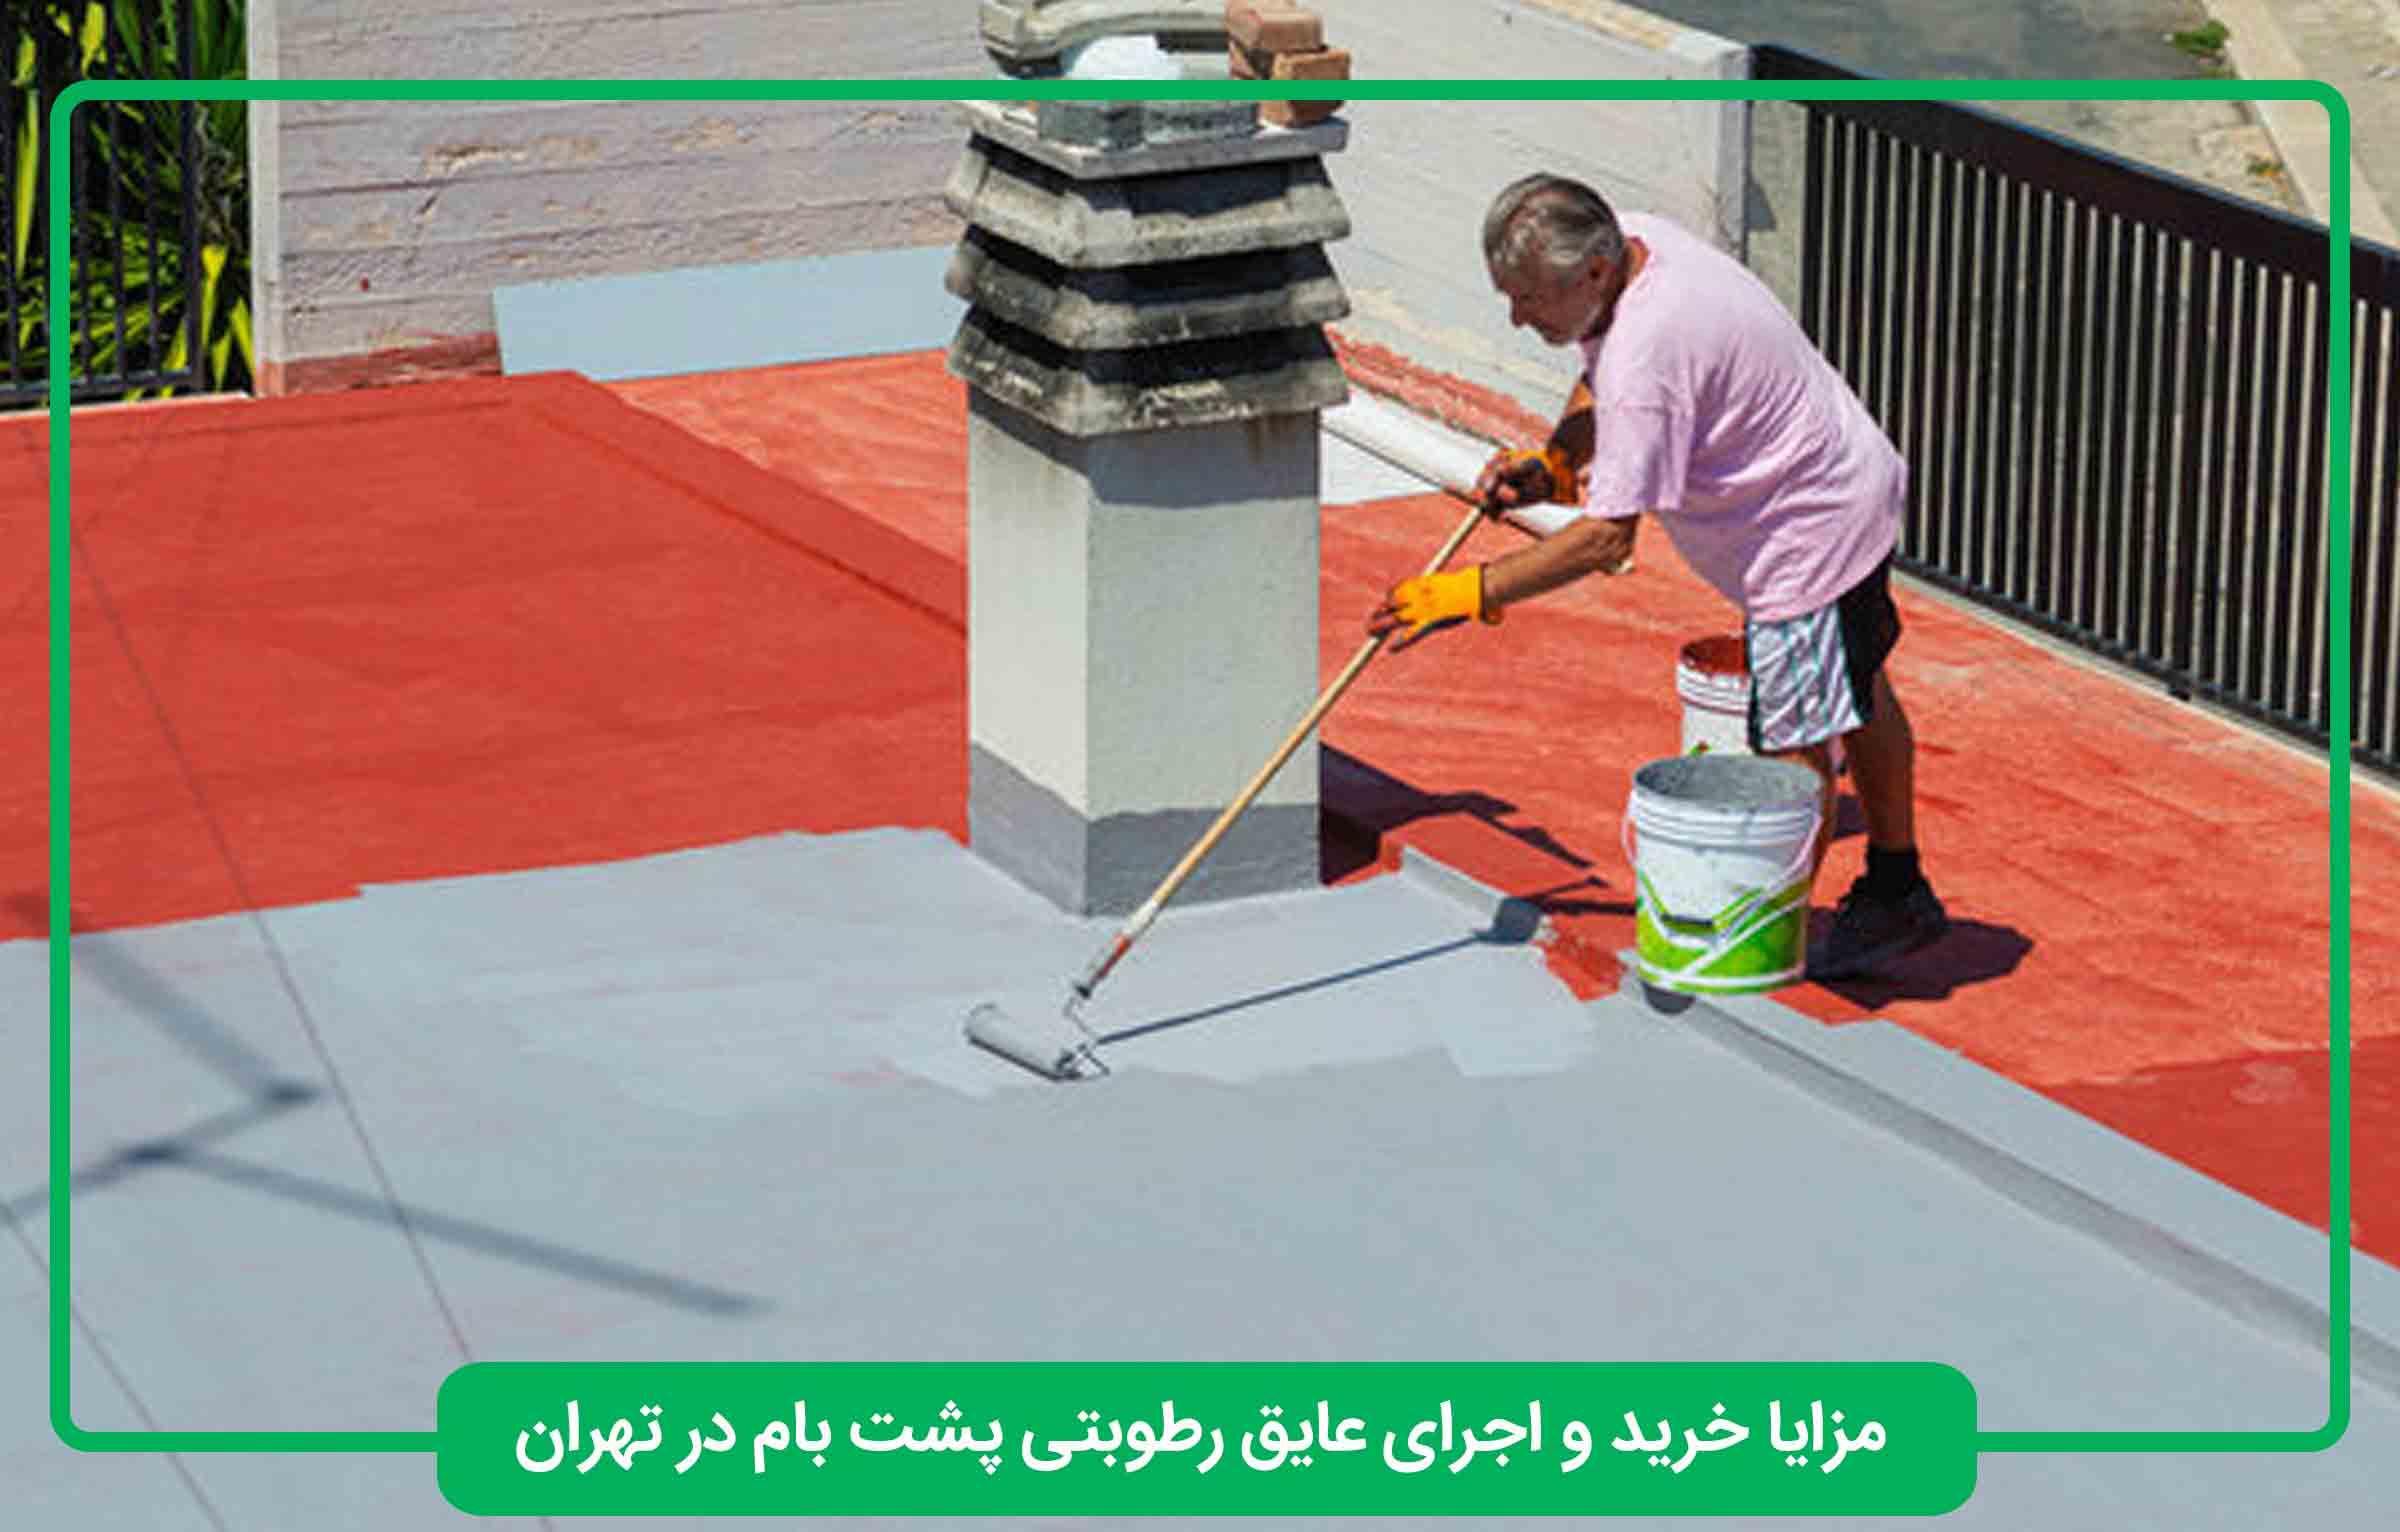 مزایا خرید و اجرای عایق رطوبتی پشت بام در تهران